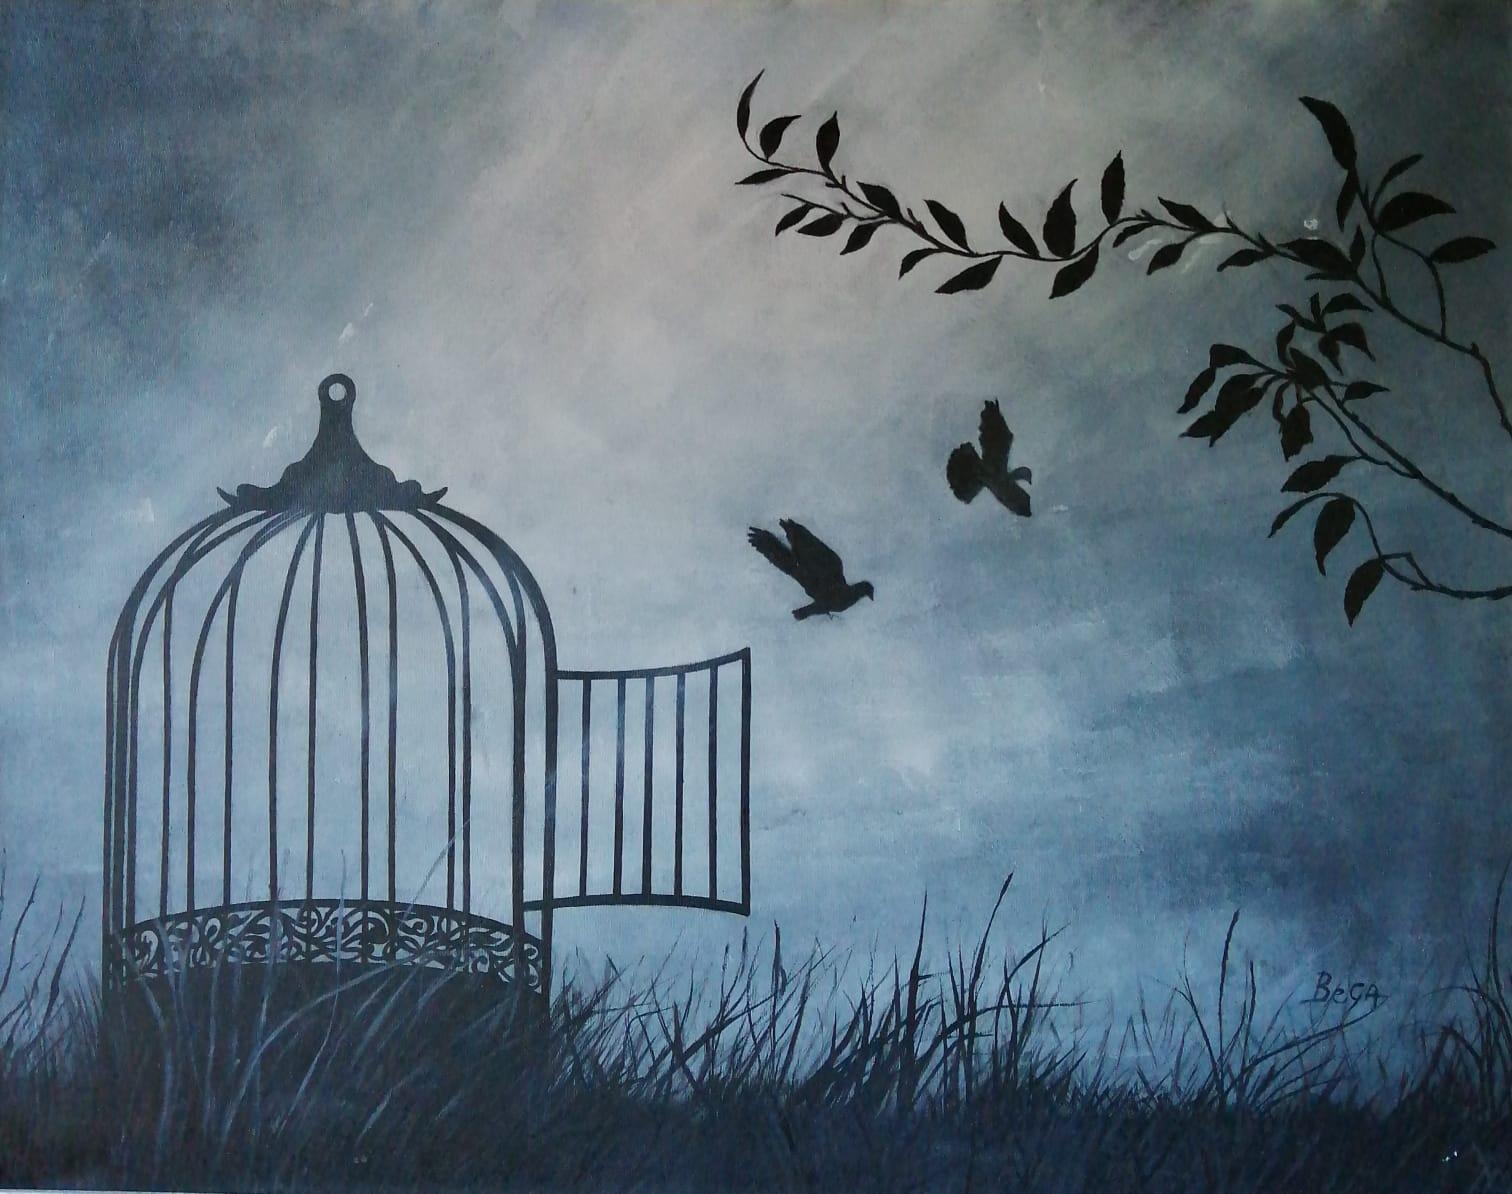 Amara libertà - Mista - 70 x 90